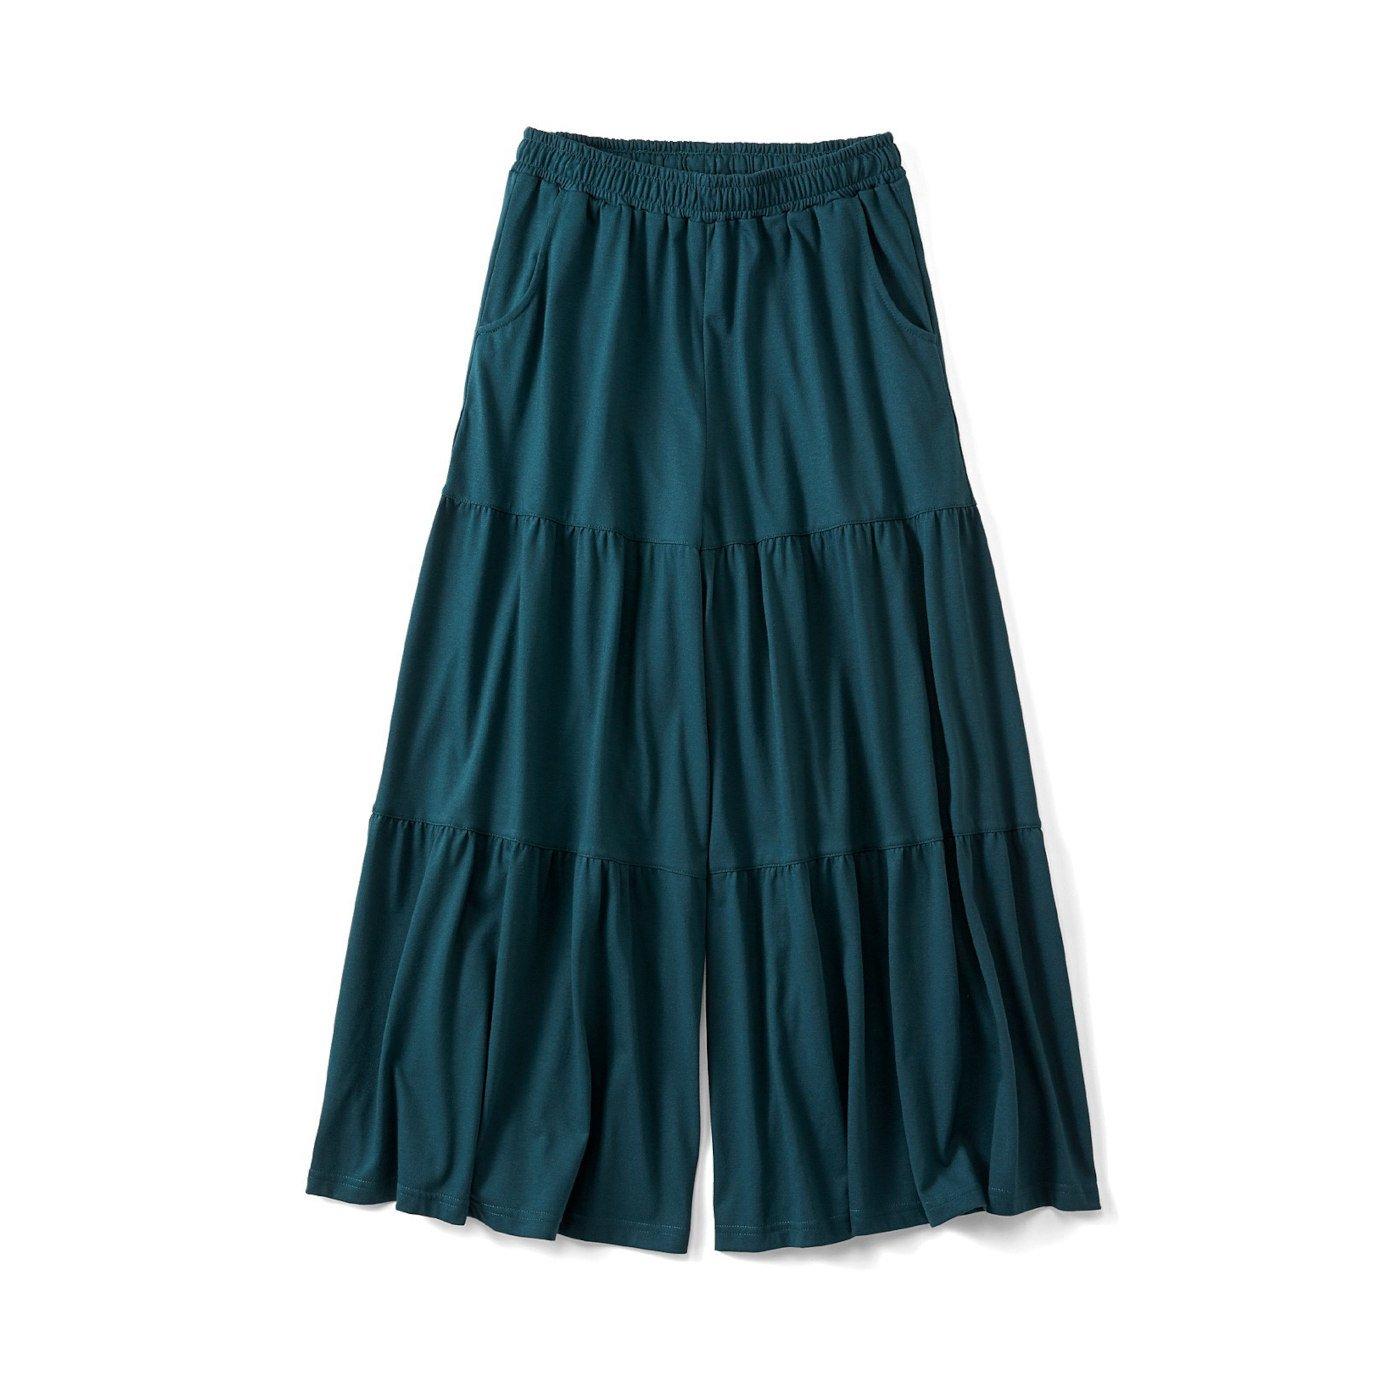 リブ イン コンフォート スカート気分の やわらかカットソー ティアードガウチョ〈グリーン〉